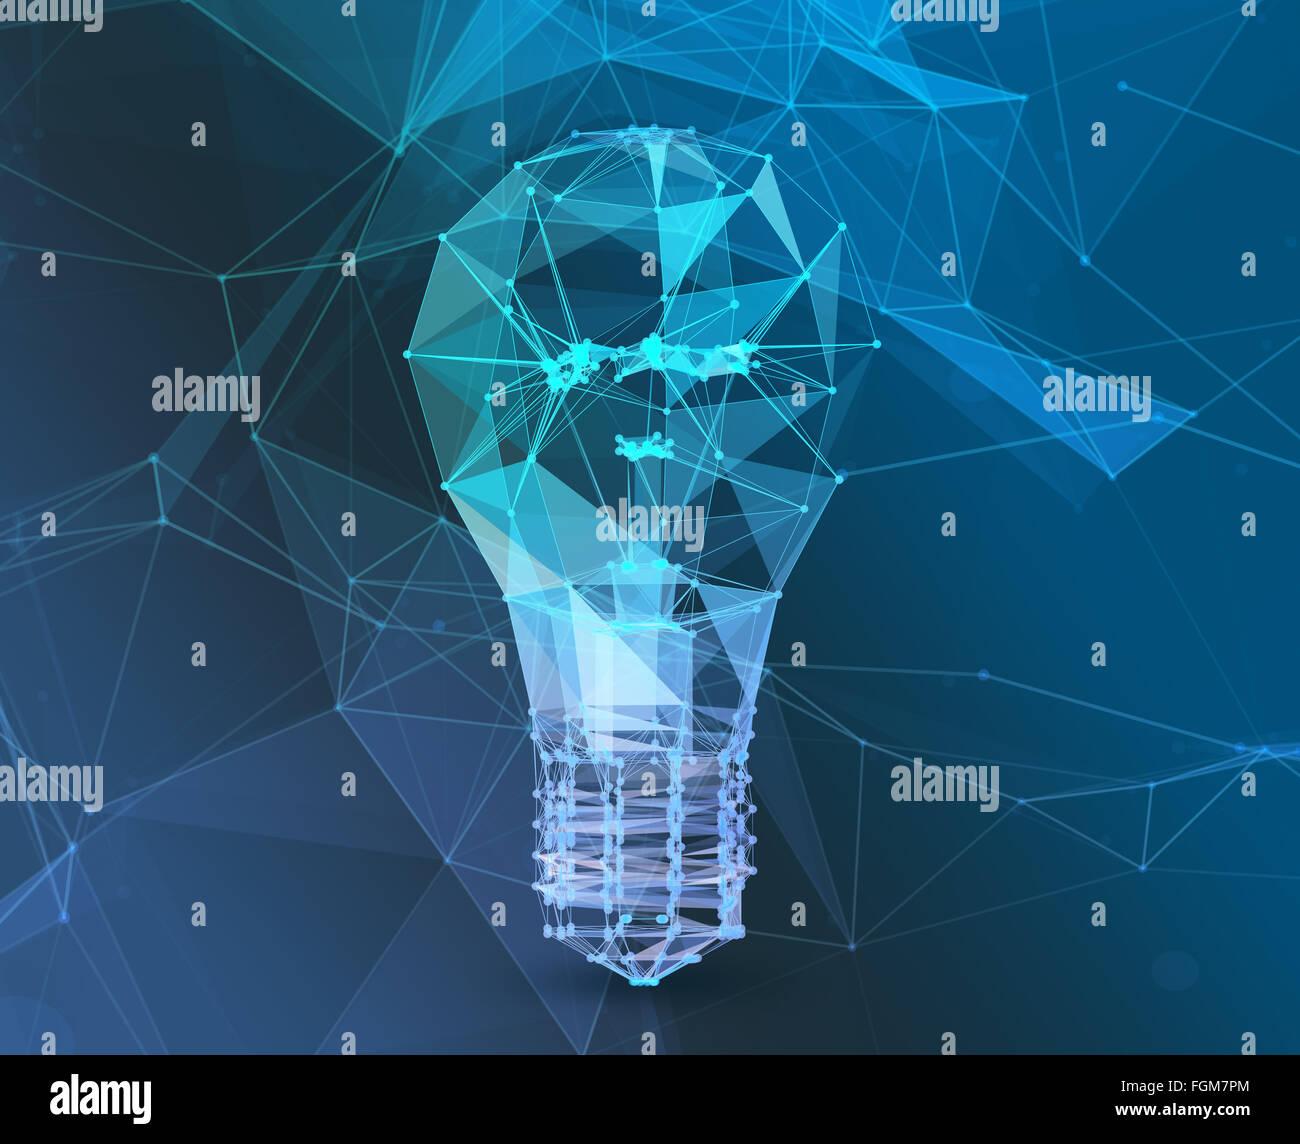 Conectar la lámpara triángulo poligonales. El concepto de comunicación en red Imagen De Stock